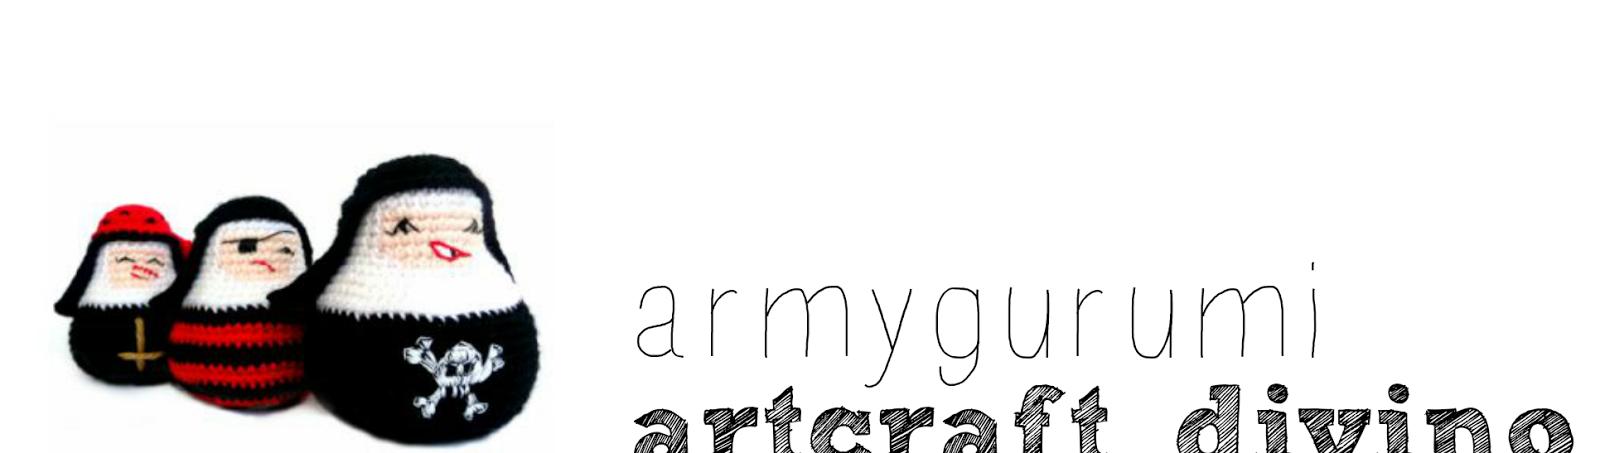 Armygurumi, amigurumis y otras cosas de la vida